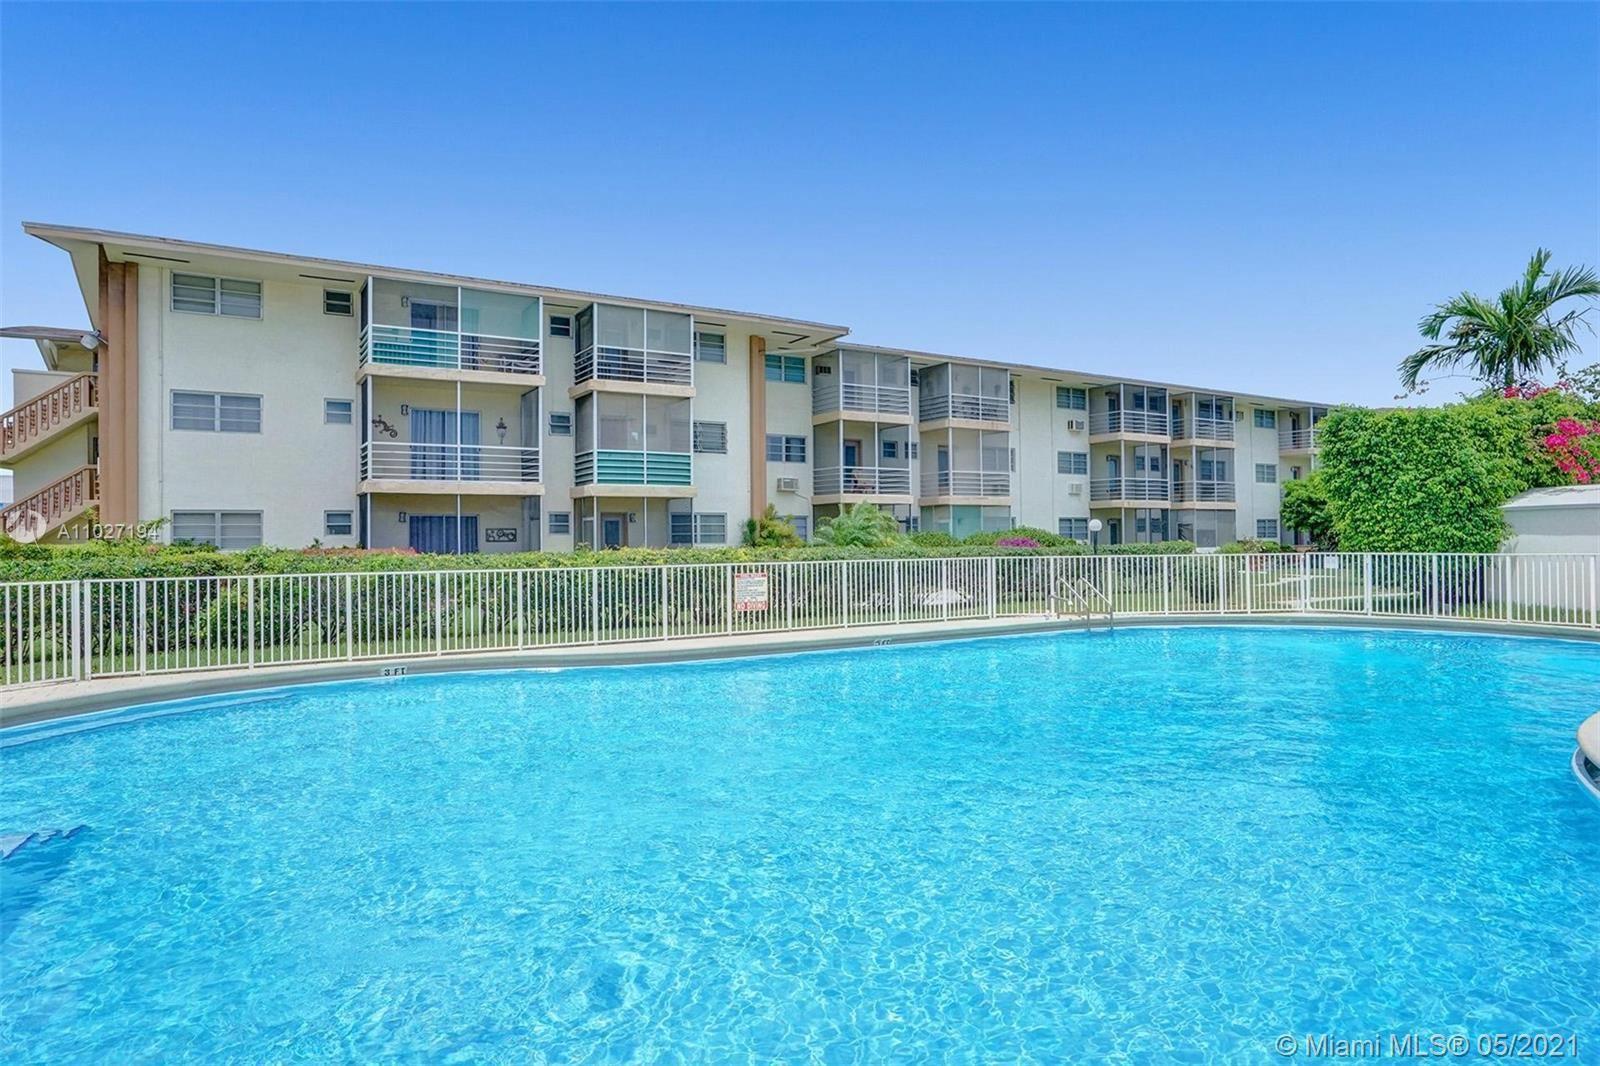 16901 NE 13th Ave #115, Miami, FL 33162 - #: A11027194